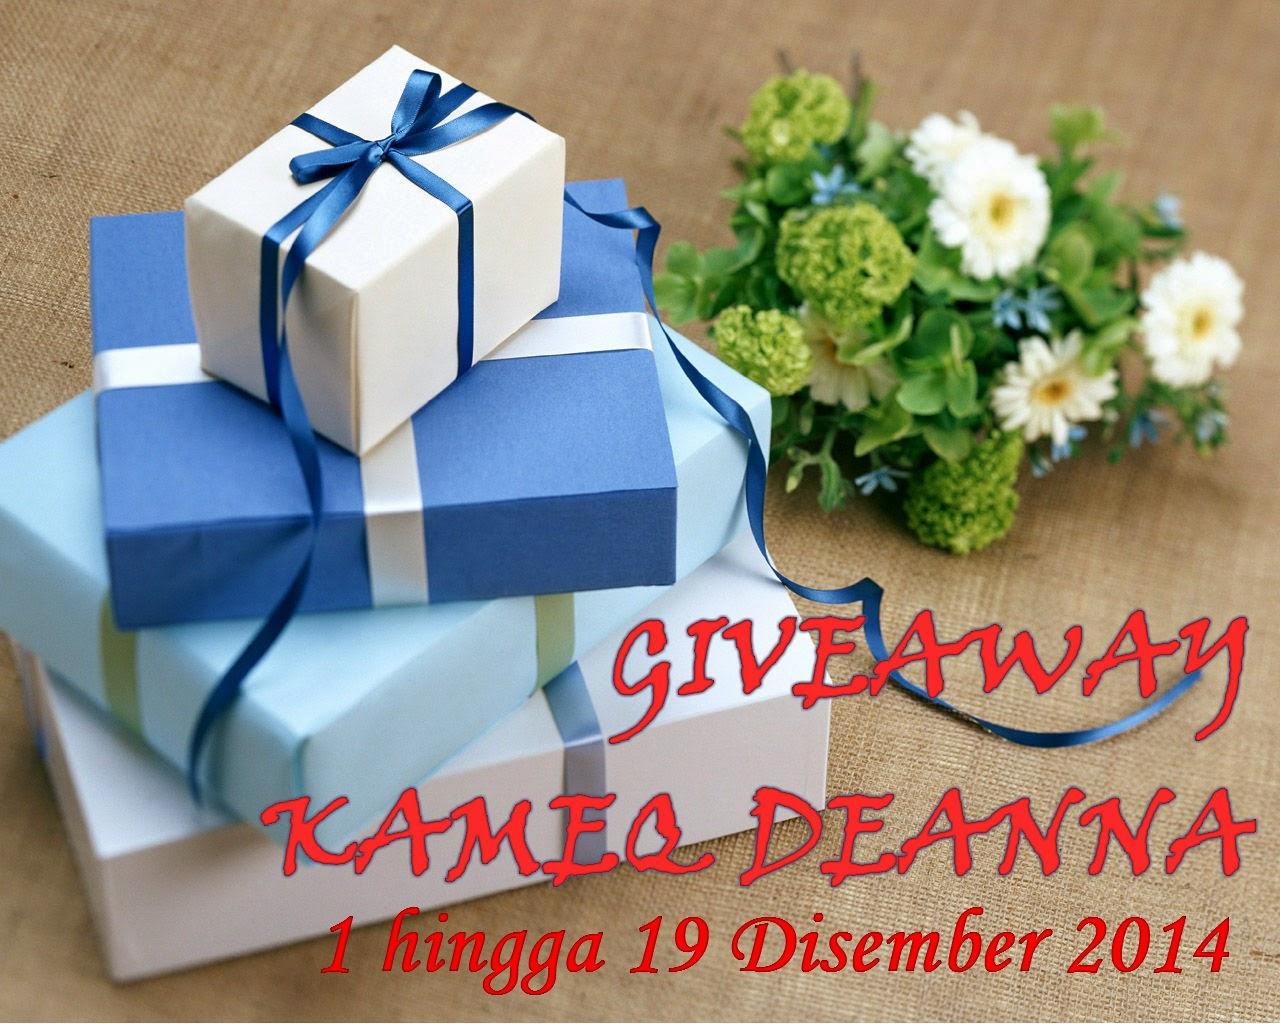 http://kameqdeanna.blogspot.com/2014/12/giveaway-by-deanna-morni.html